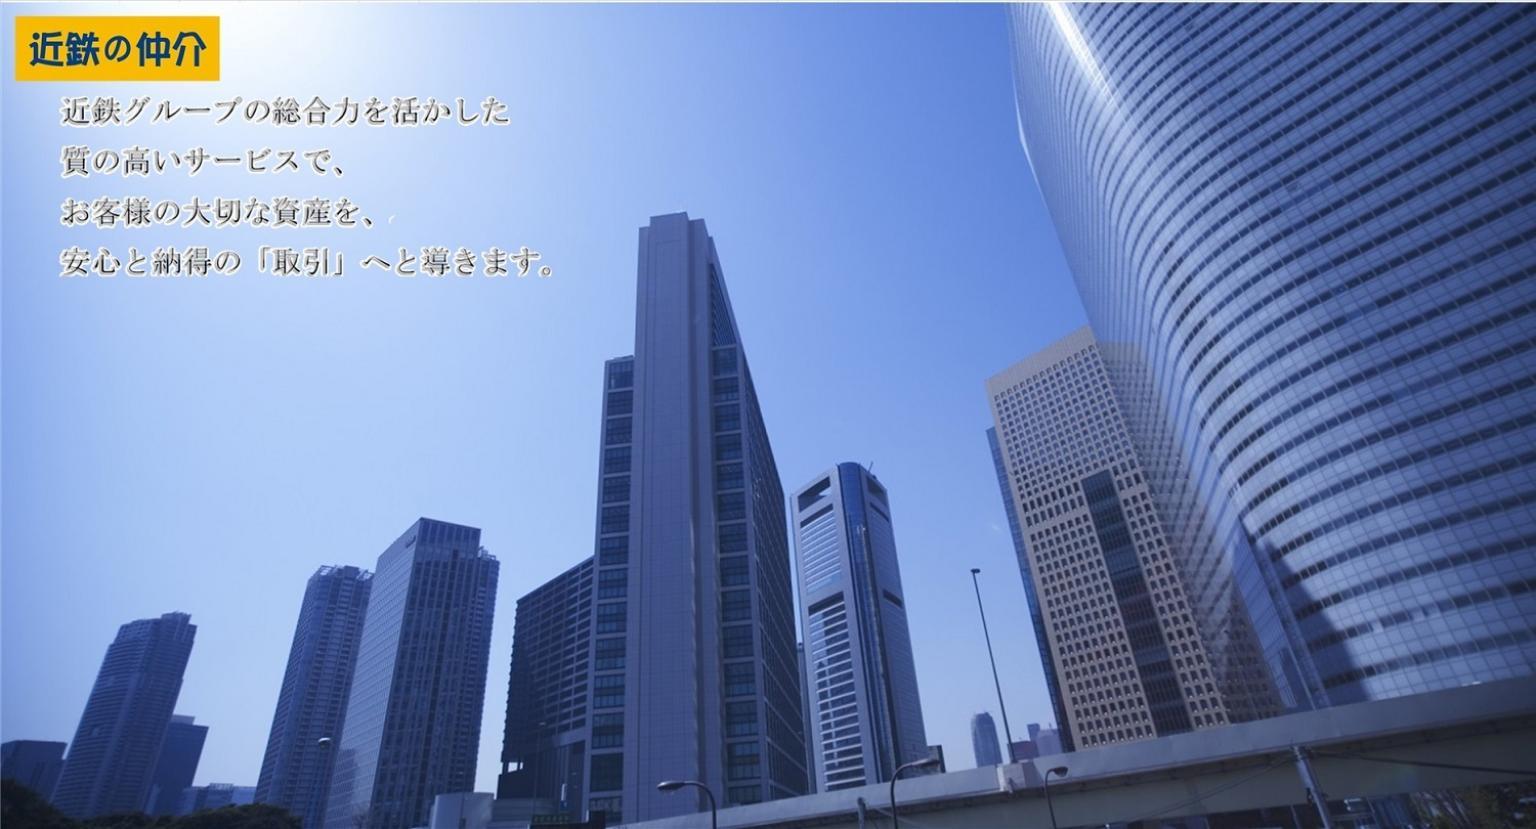 近鉄不動産株式会社 香芝営業所